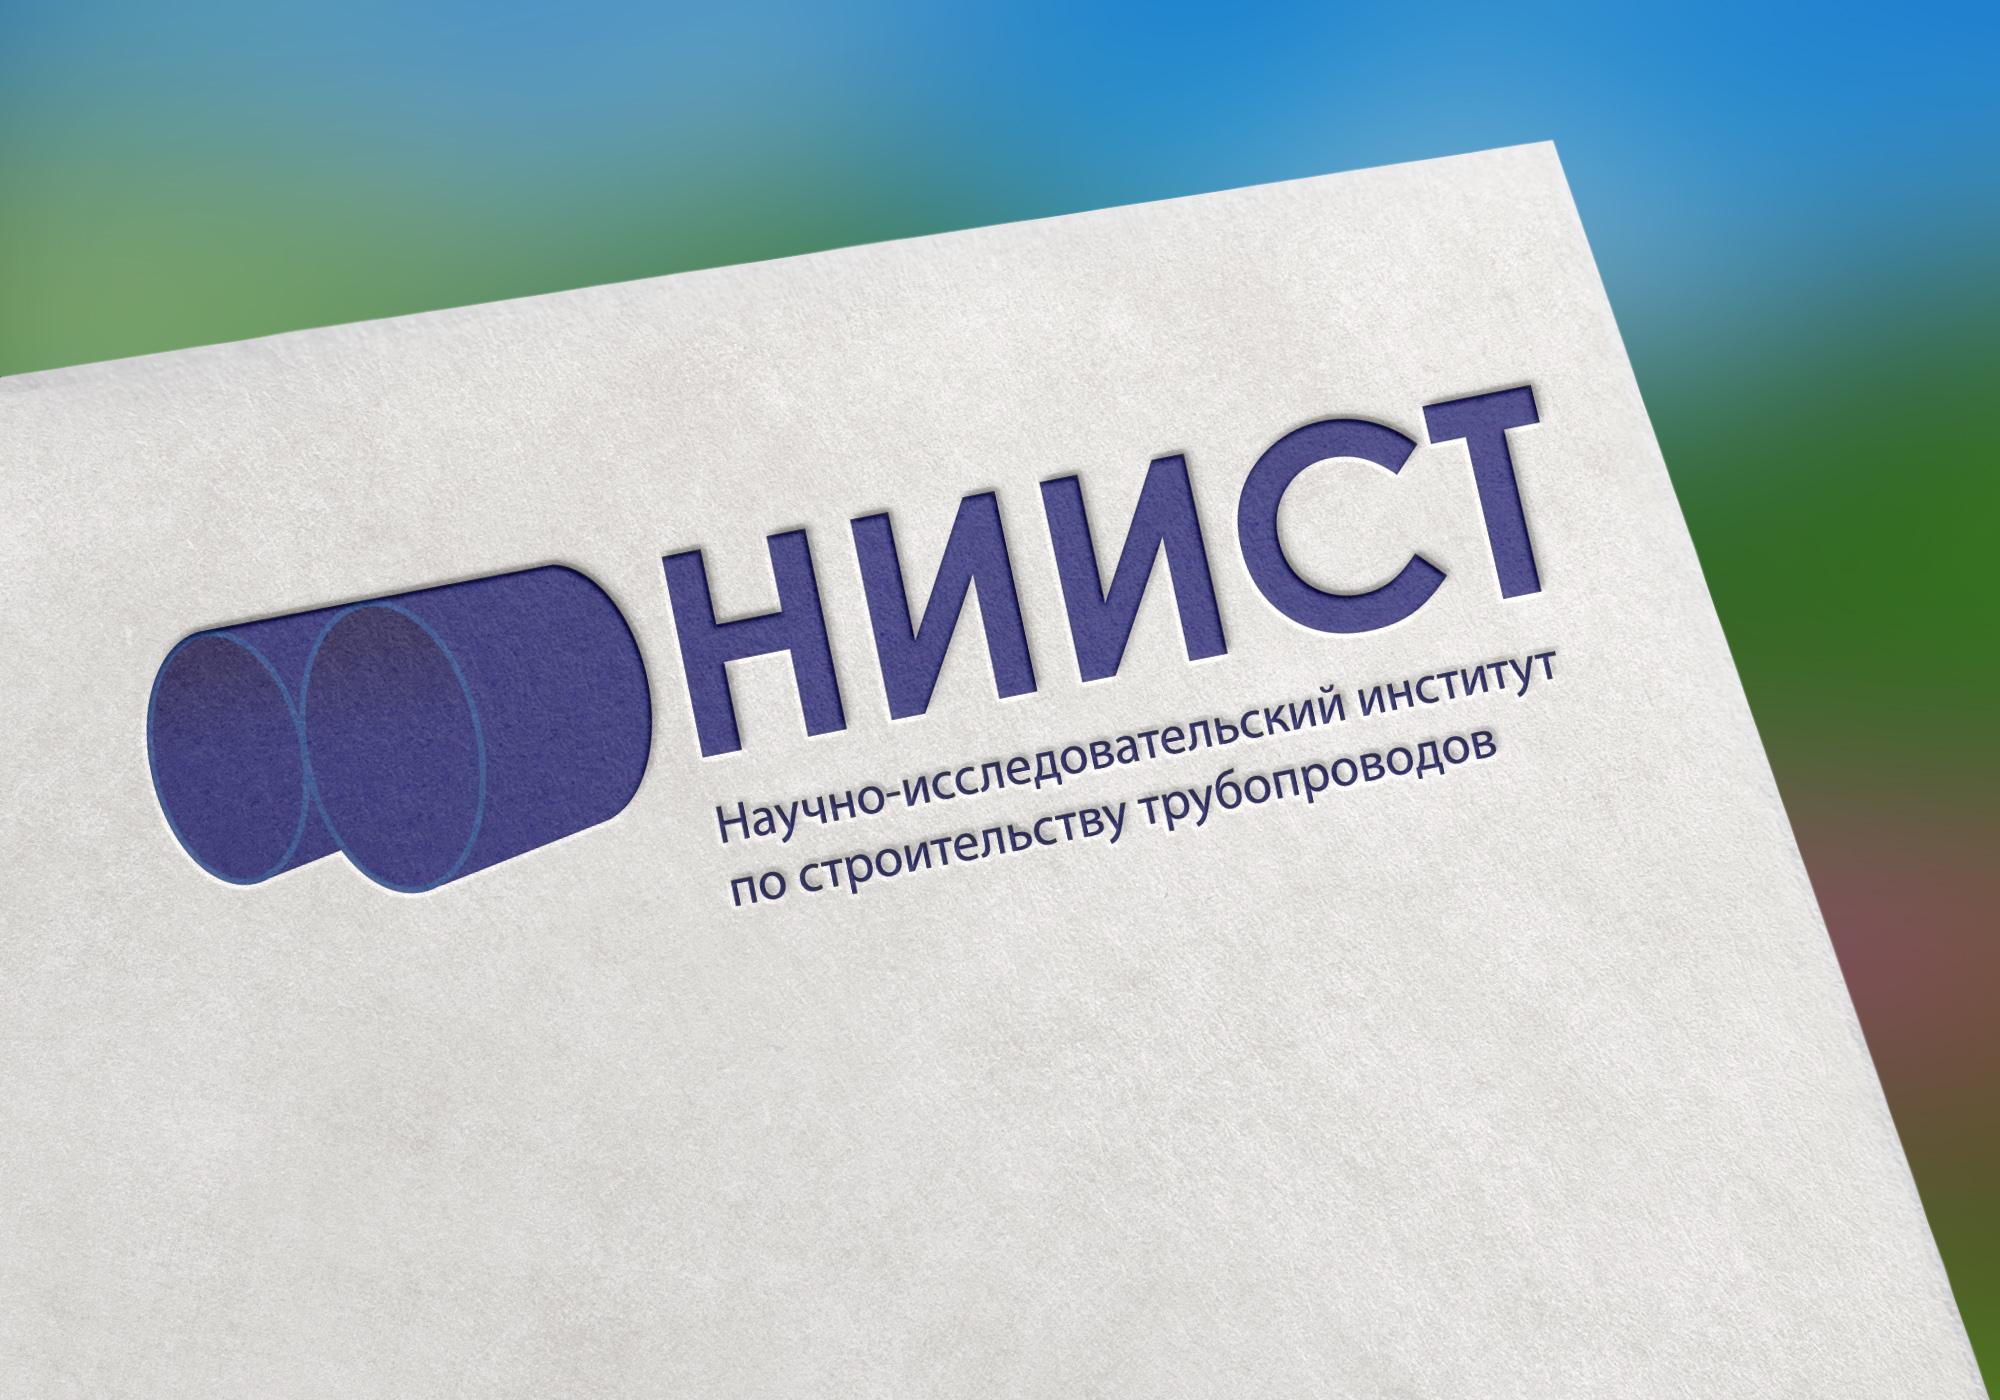 Разработка логотипа фото f_9685b9e8f6ab5d2e.jpg